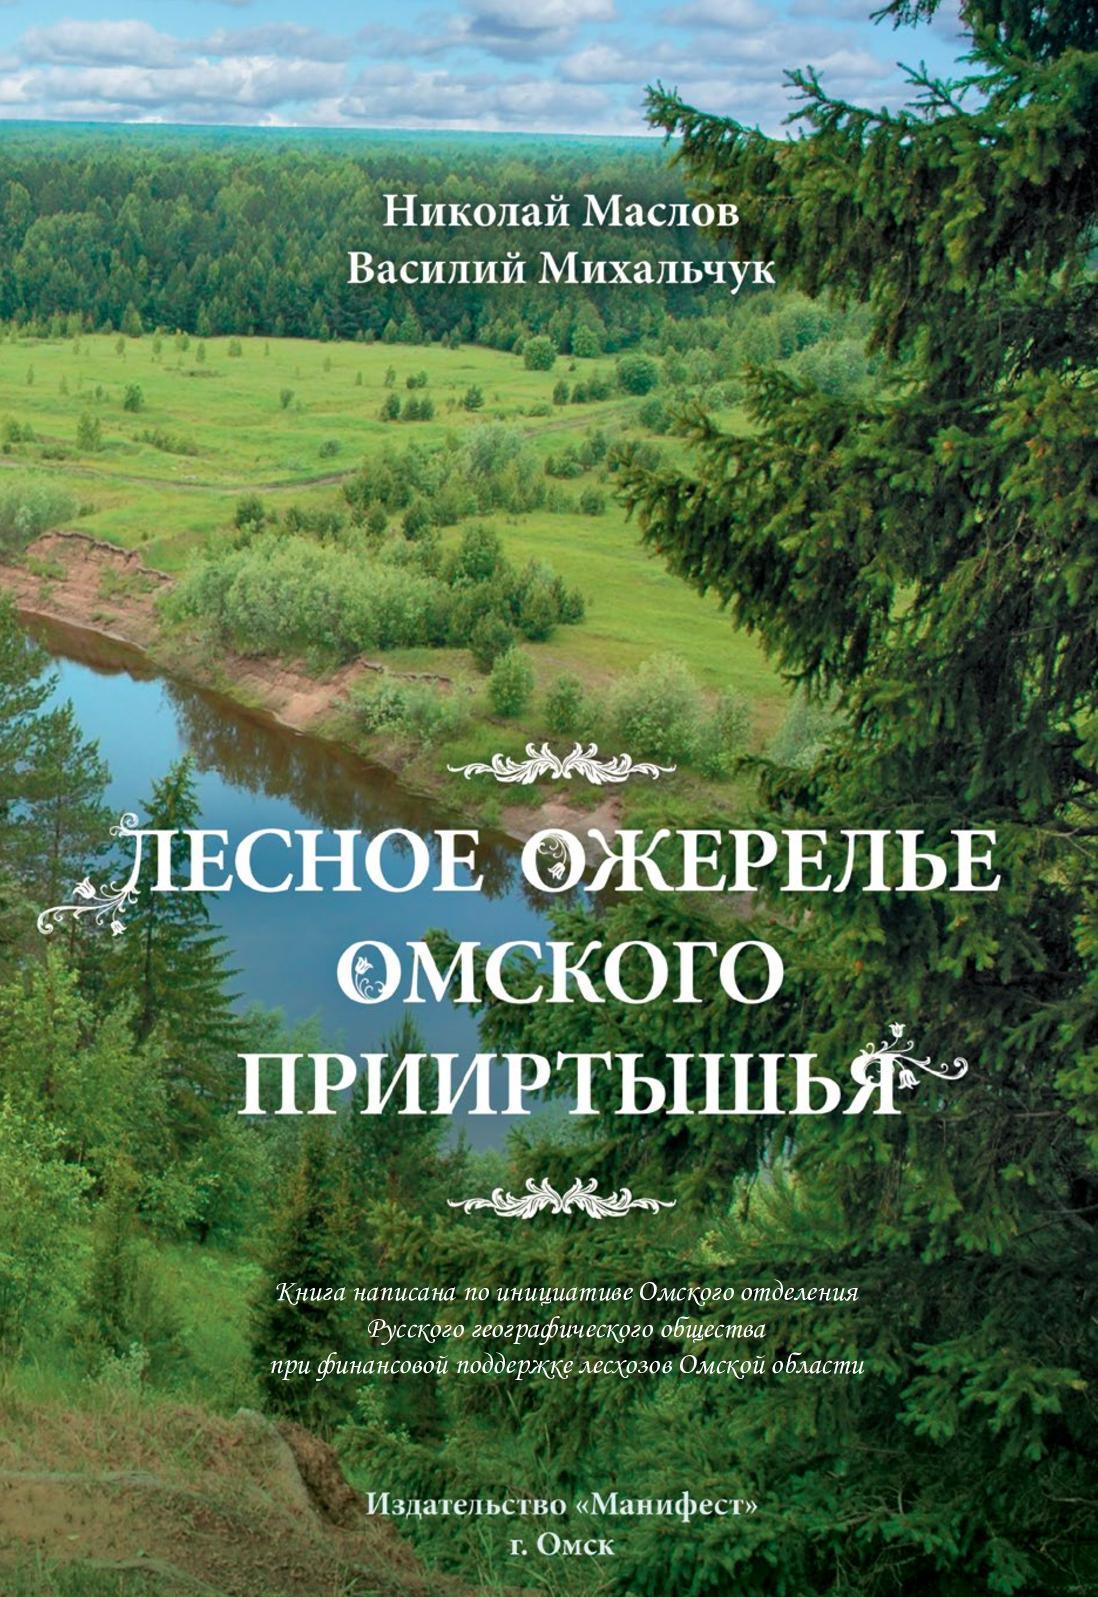 Купить мебельный щит из массива бук в Москве и МО